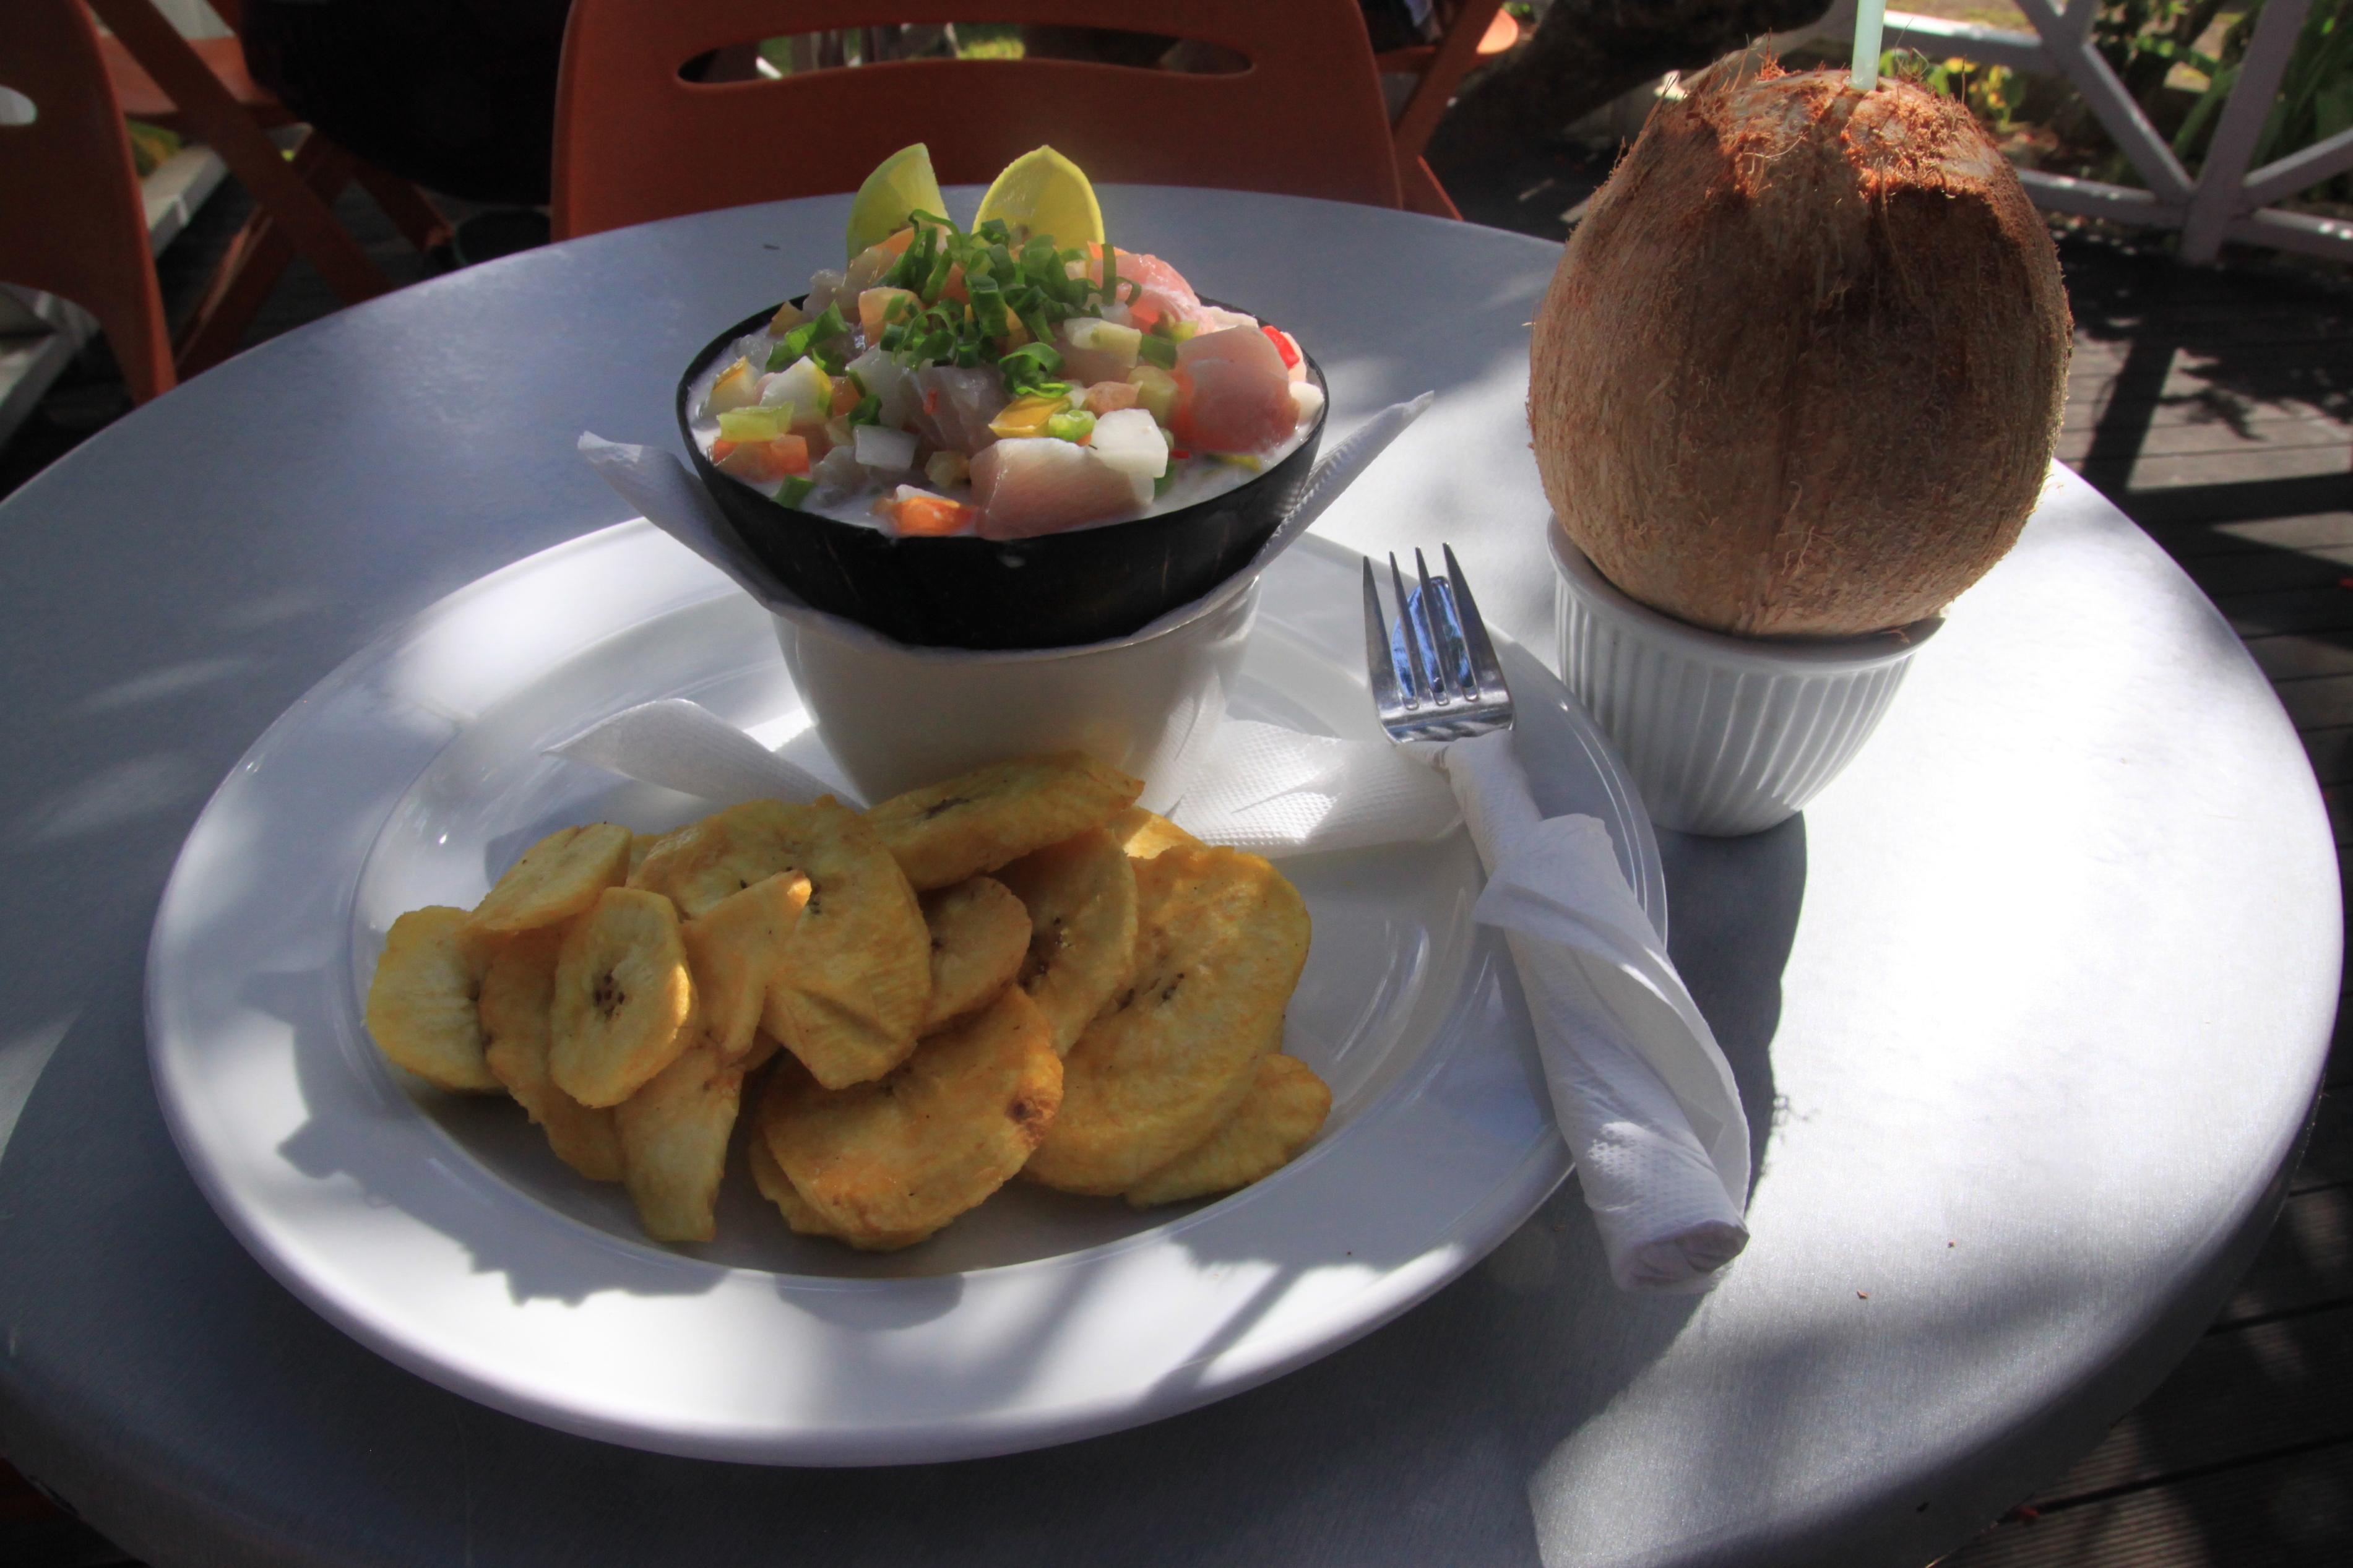 Igazi tongai ebéd:  savanyú gyümölcsös halsaláta, sült banánnal és egy jéghideg kókuszdióval